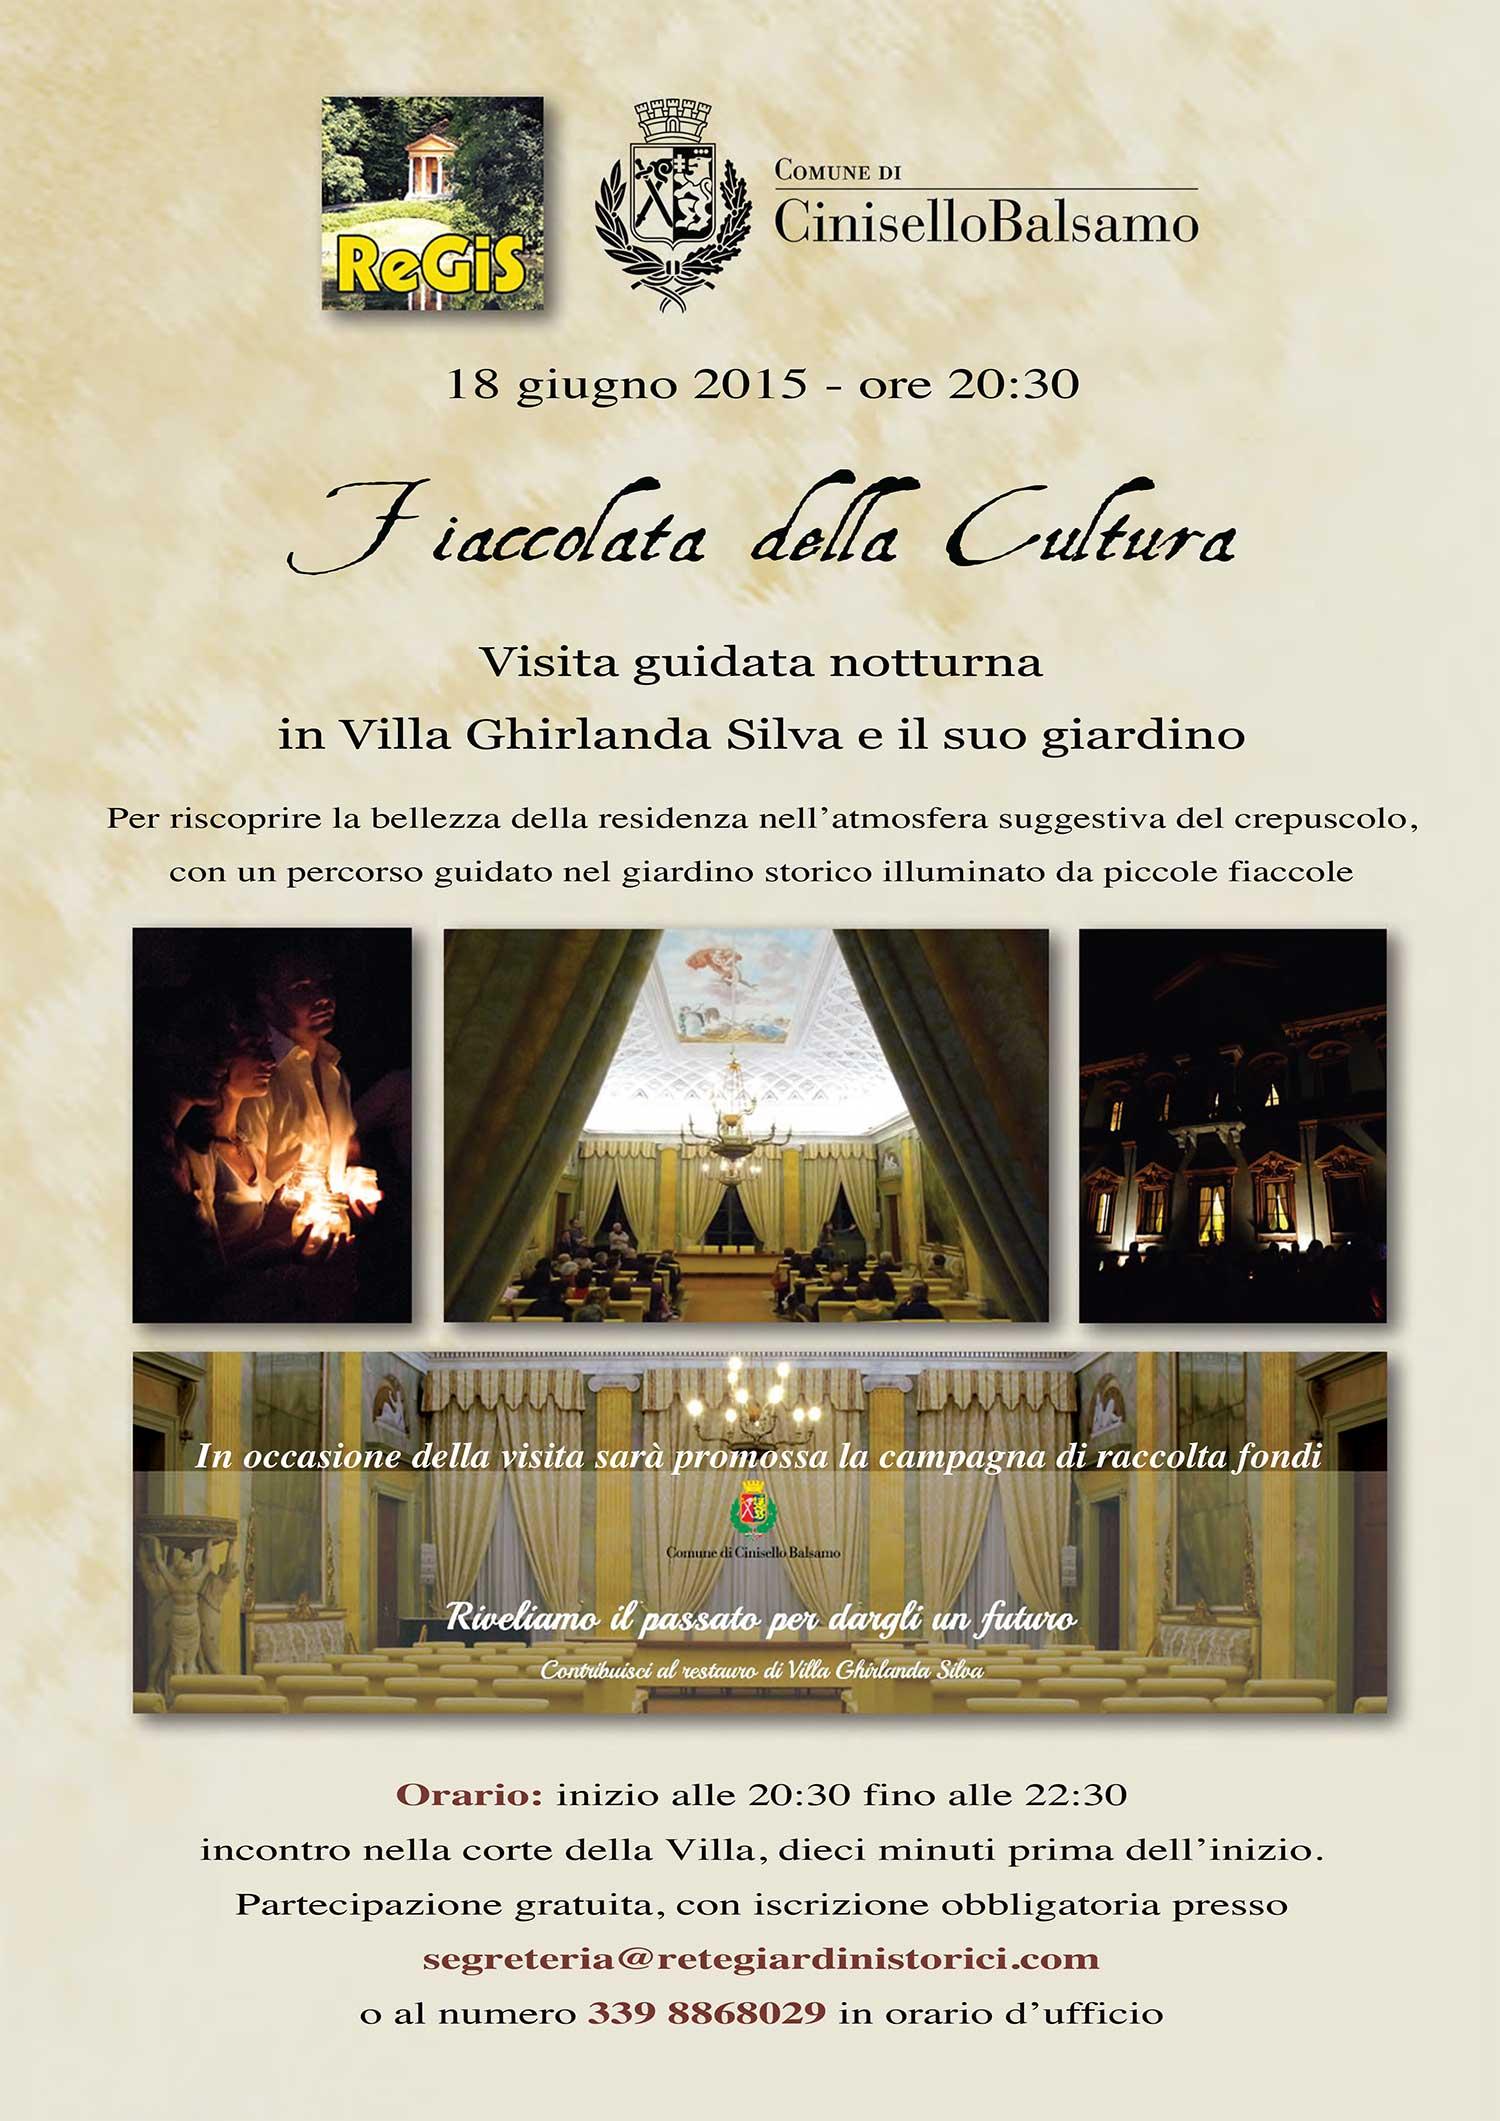 Fiaccolata-della-Cultura-18-giugno-(reduced)